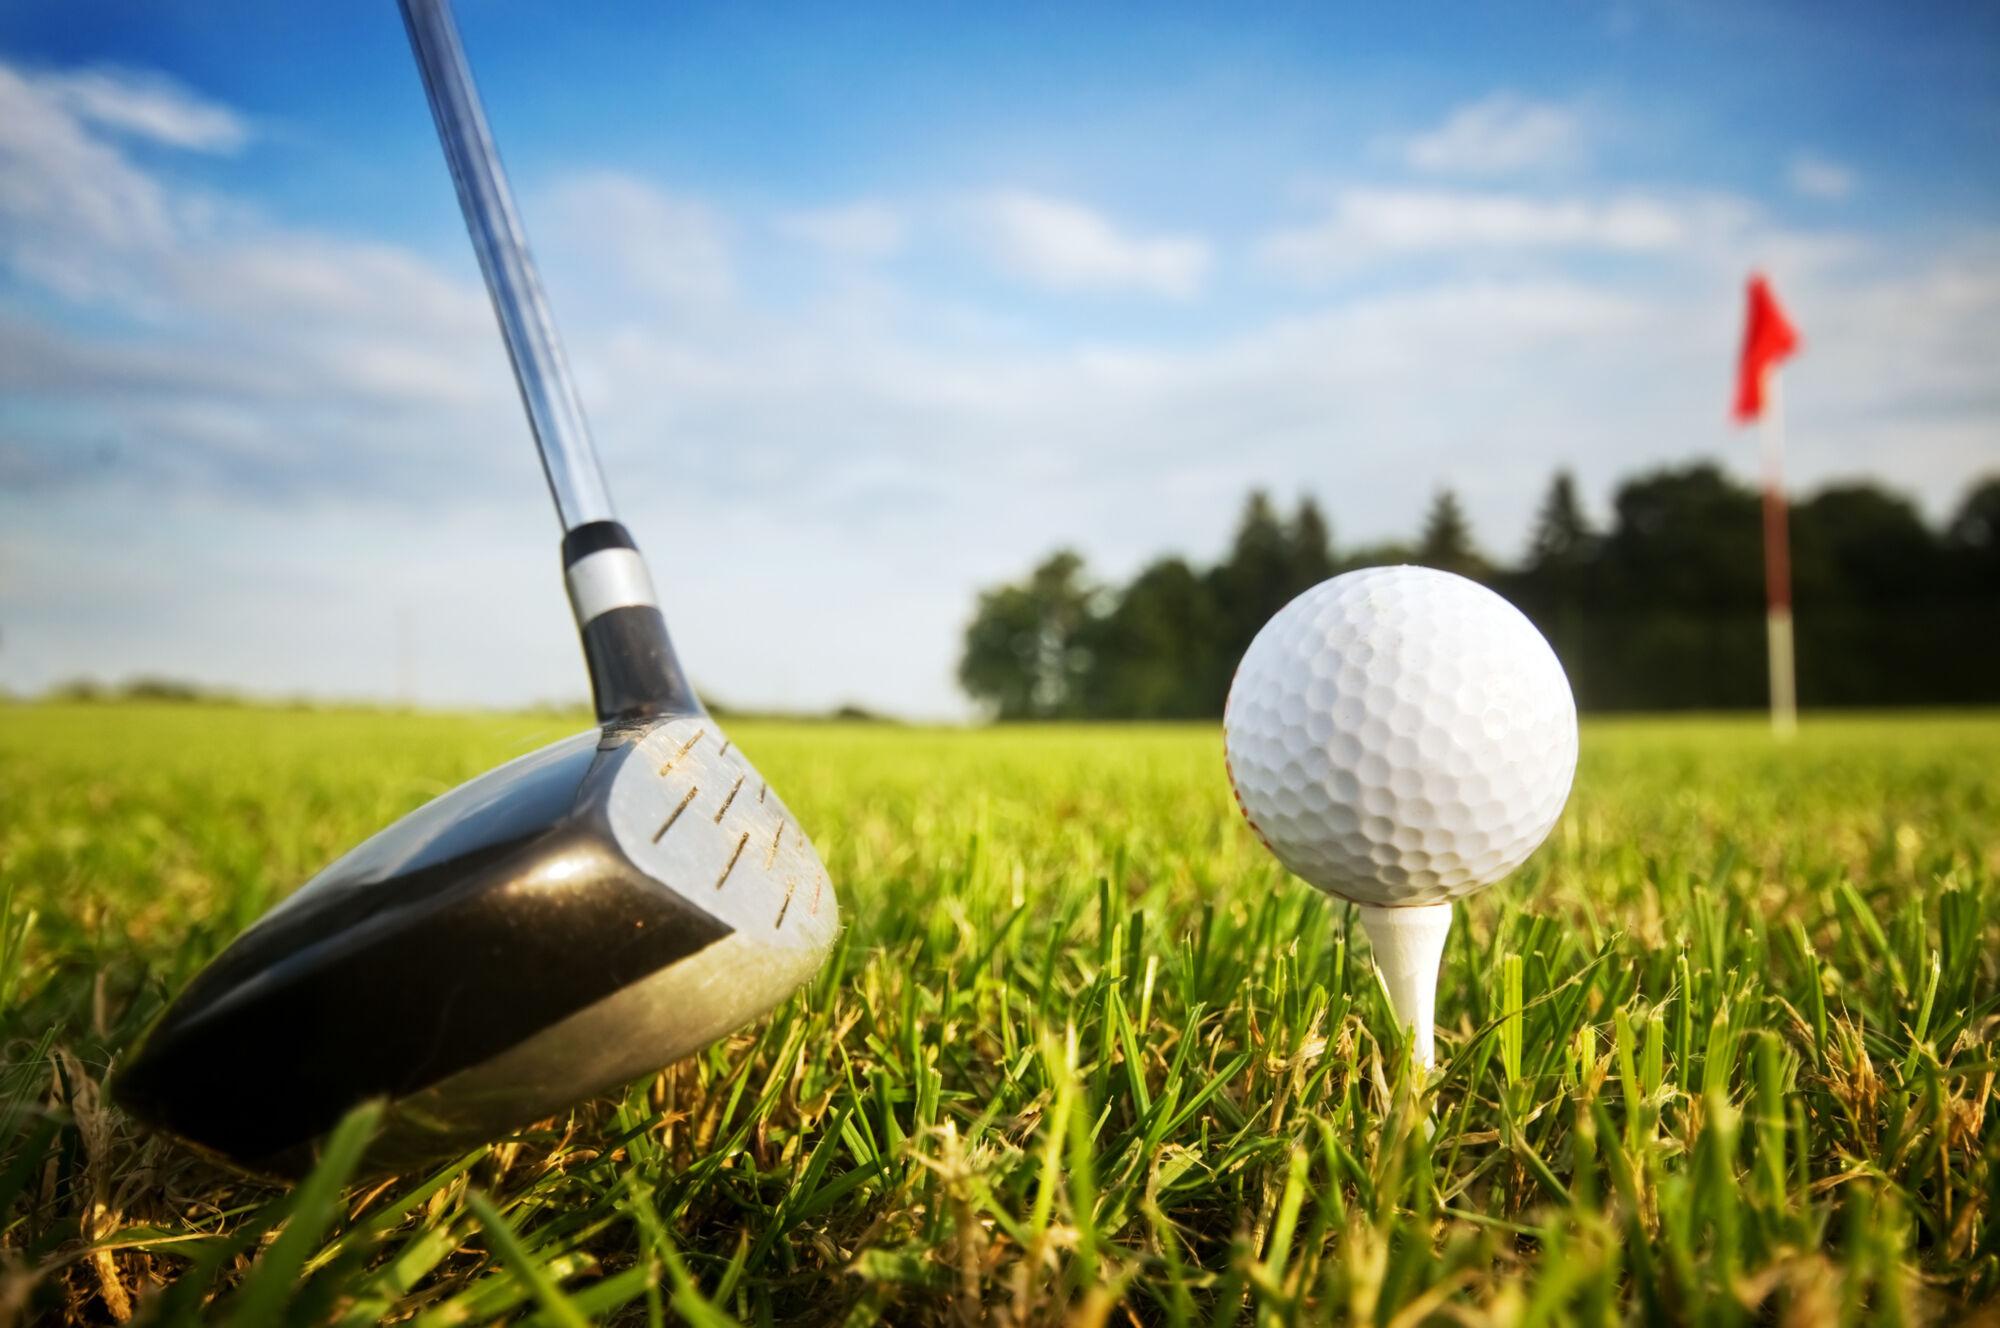 Golf galleries 60